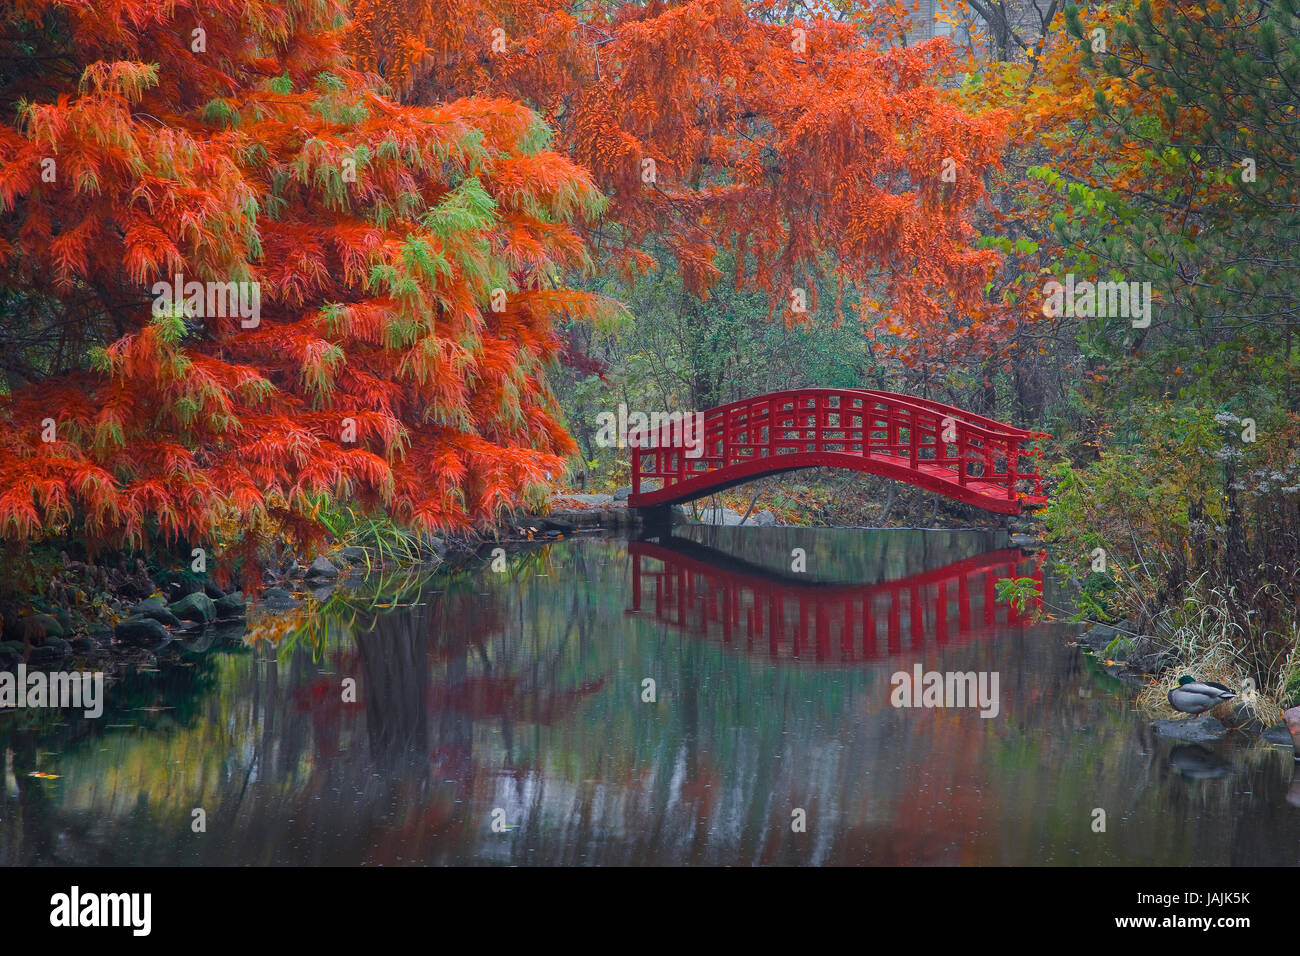 Red Footbridge, Japanese Garden, Autumn Stock Photo